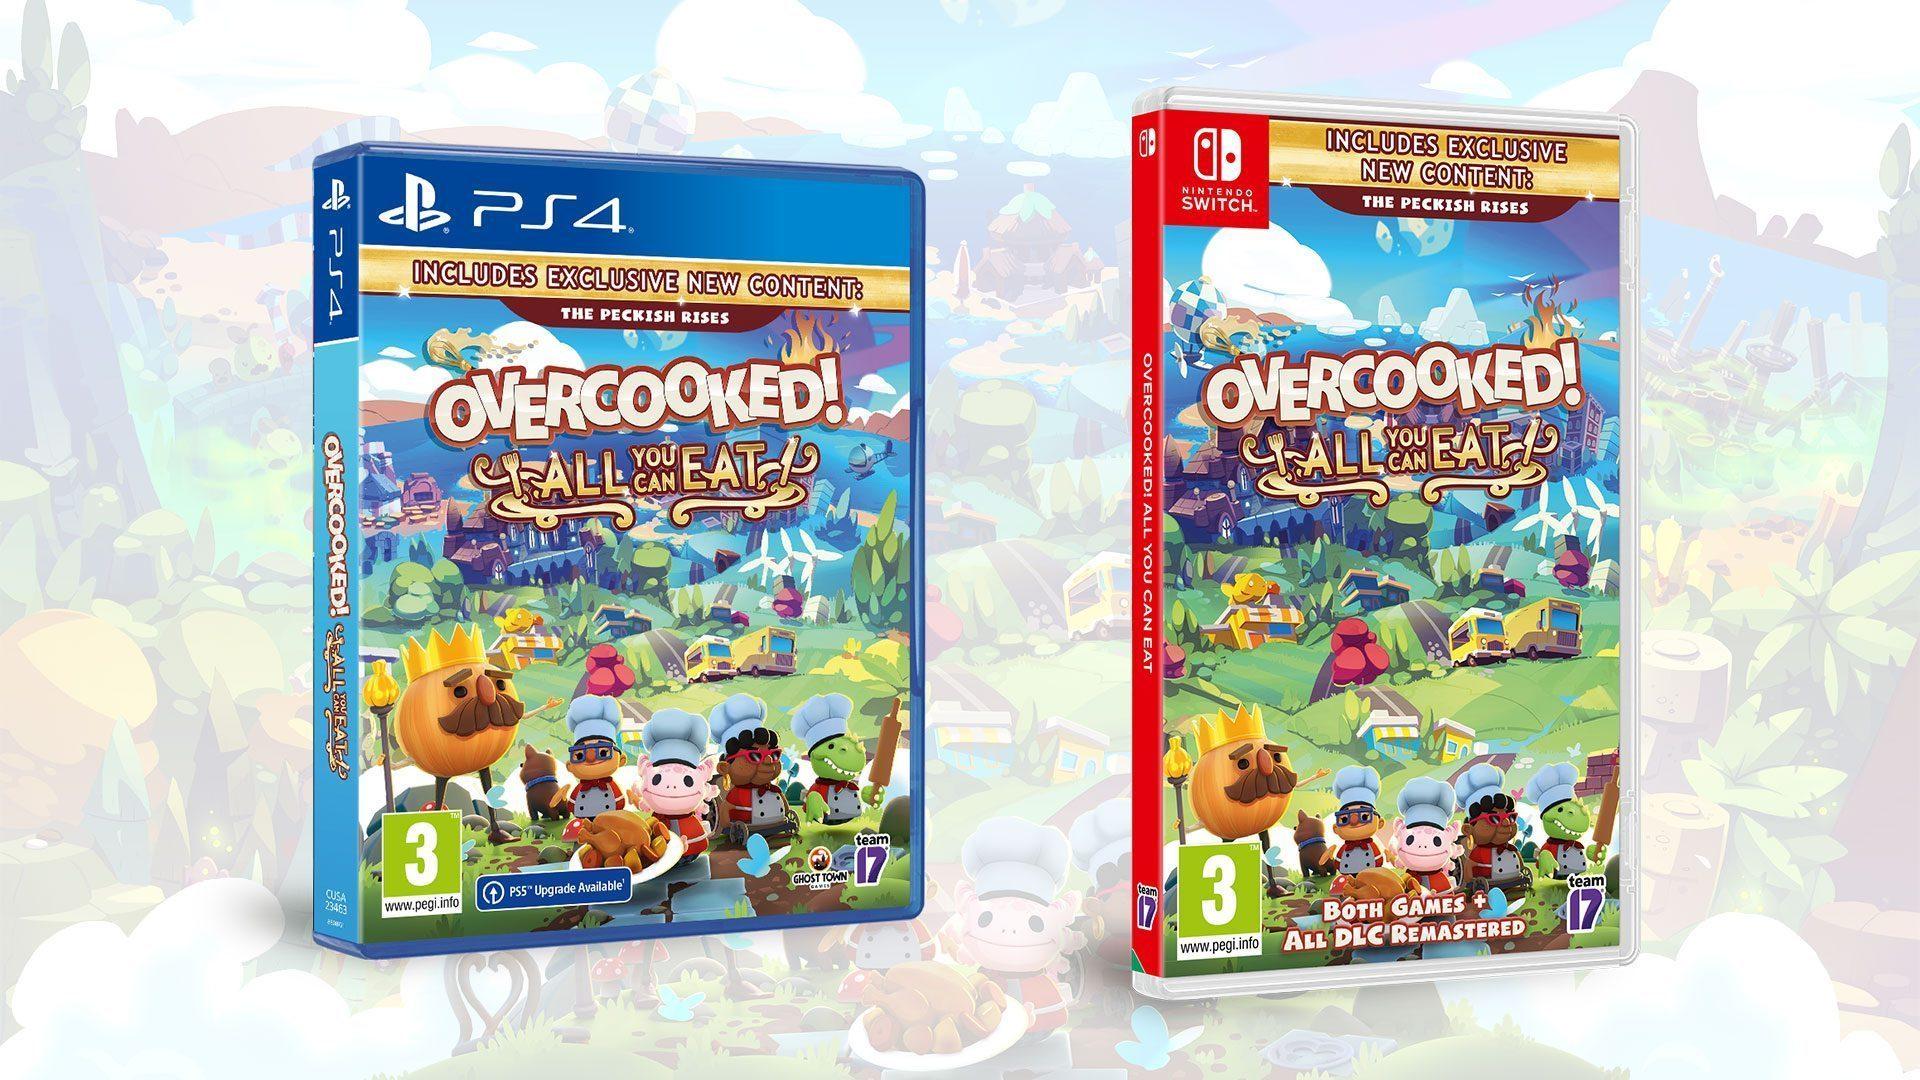 Overcooked!-AYCE-Key-Art